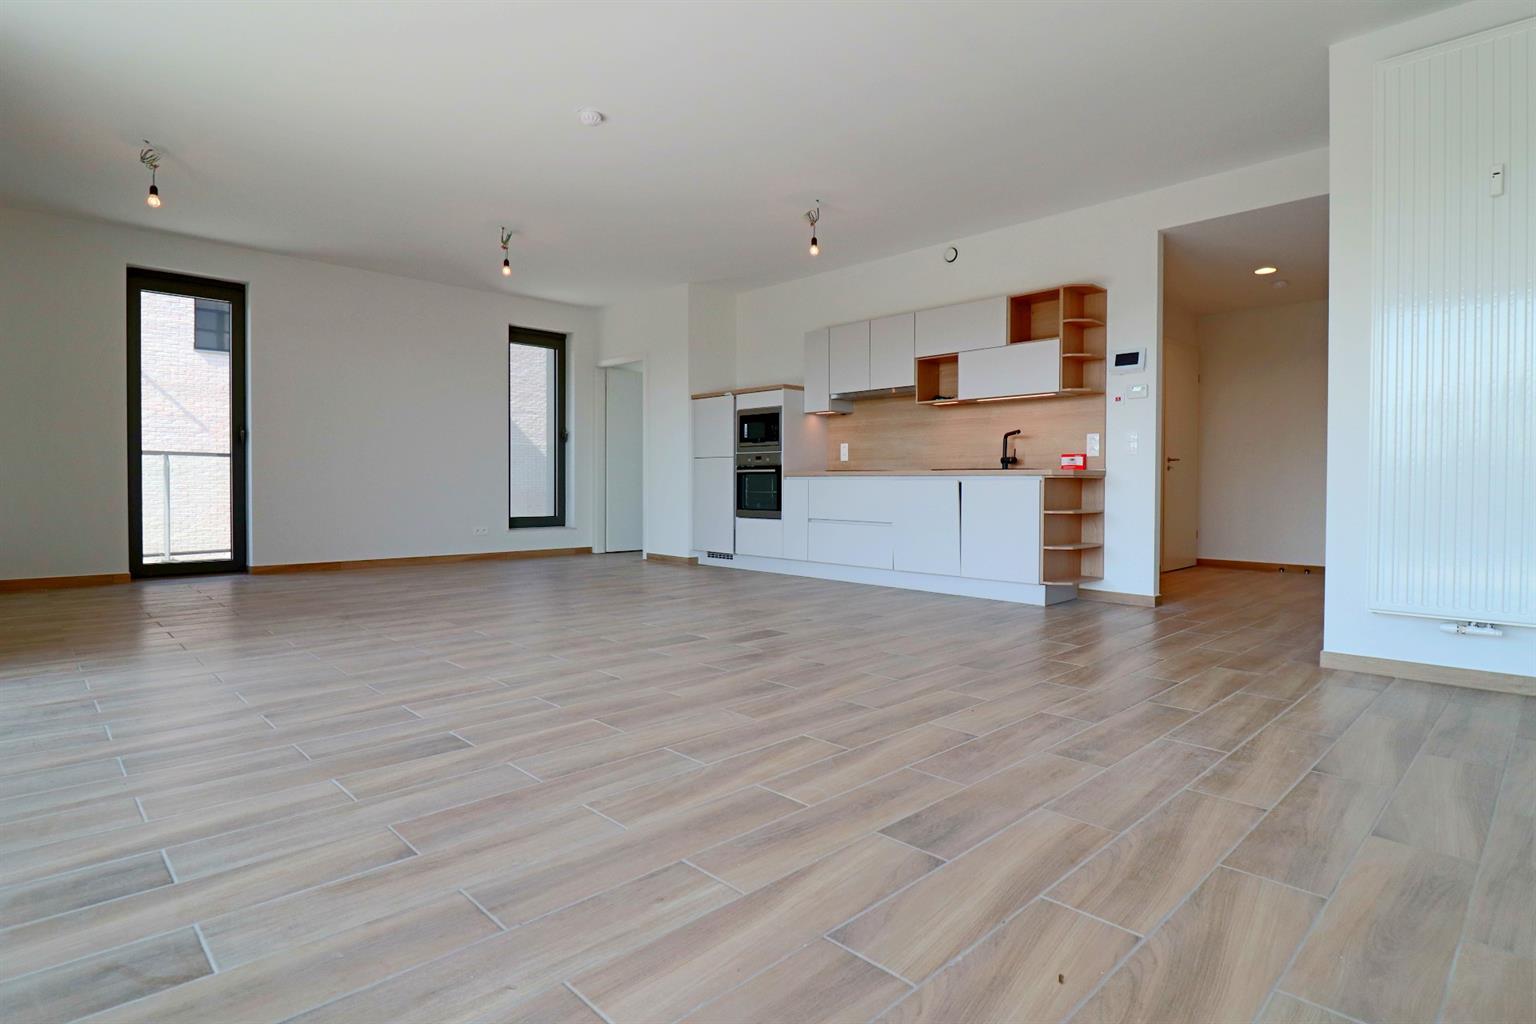 Appartement - Ottignies-Louvain-la-Neuve - #4406864-3